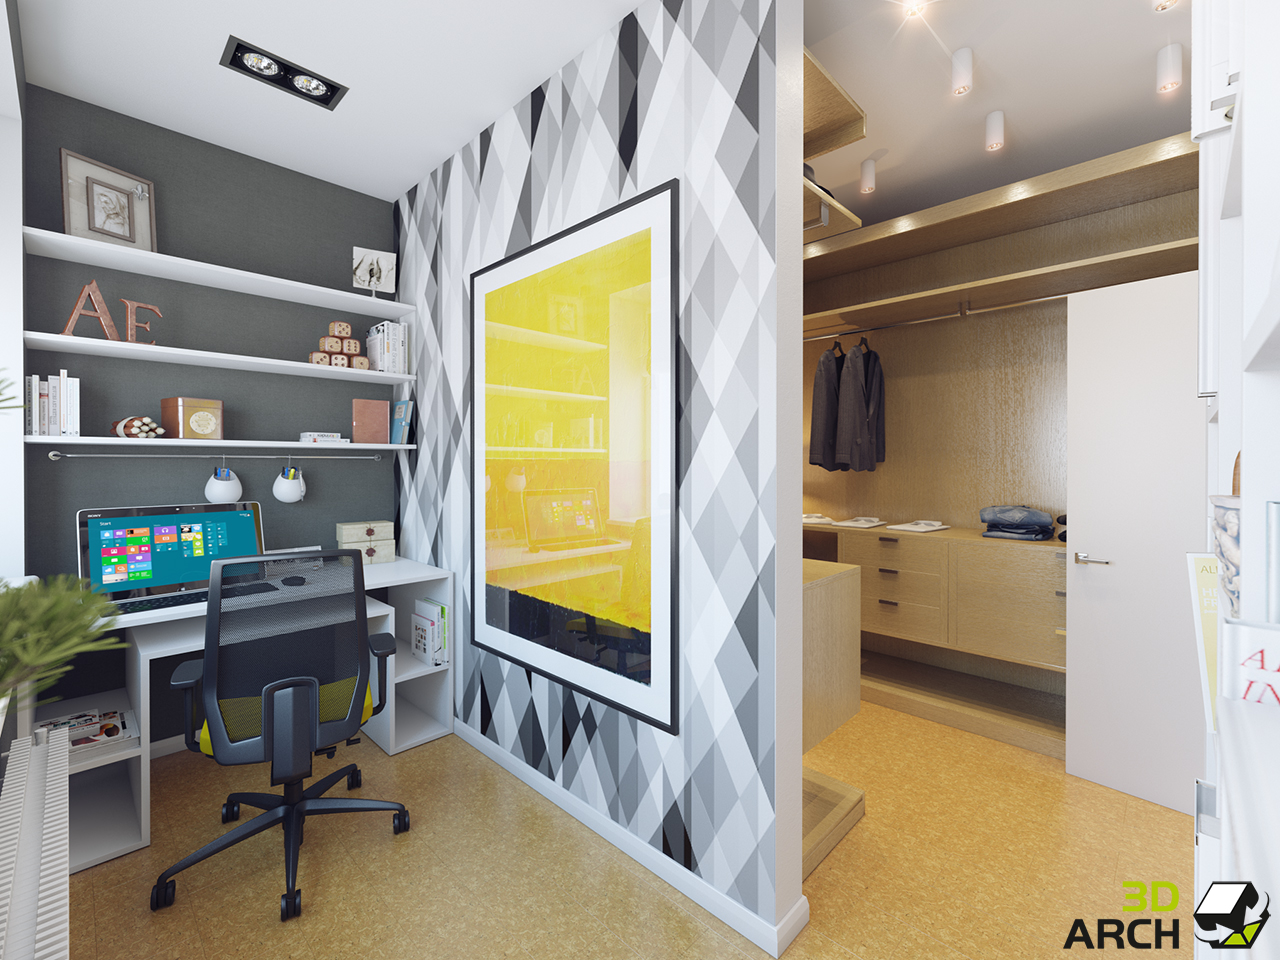 Мой дом - мой офис: как обустроить рабочее место дома - n1.Ч.